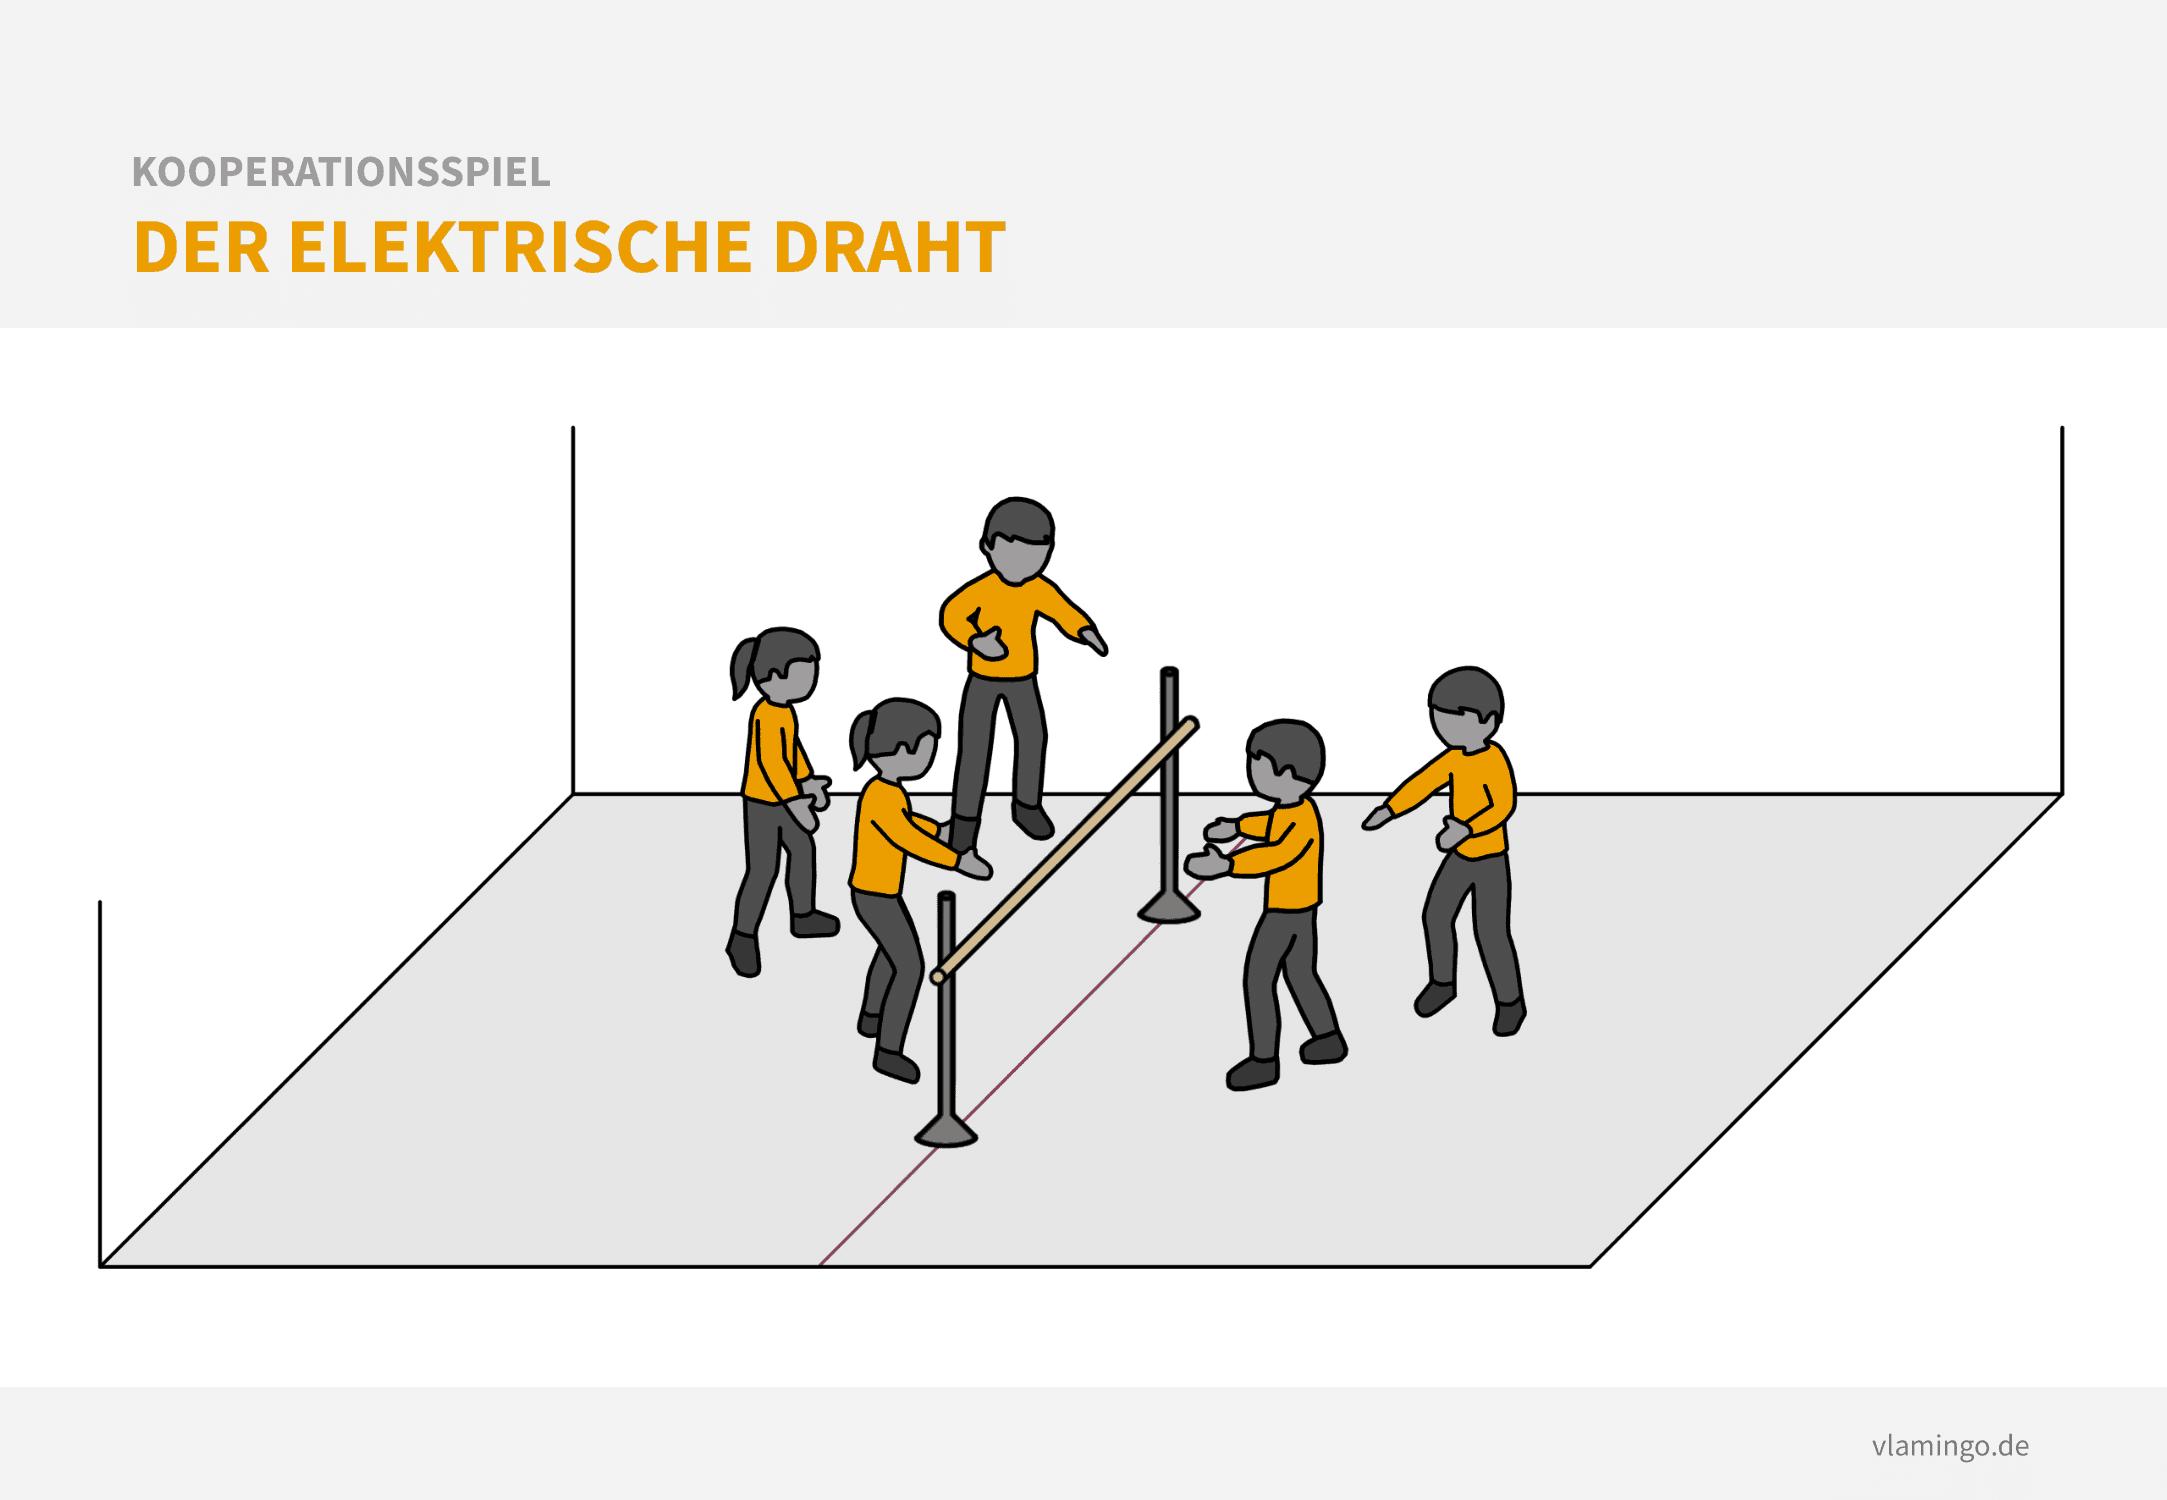 Kooperationsspiel: Der elektrische Draht